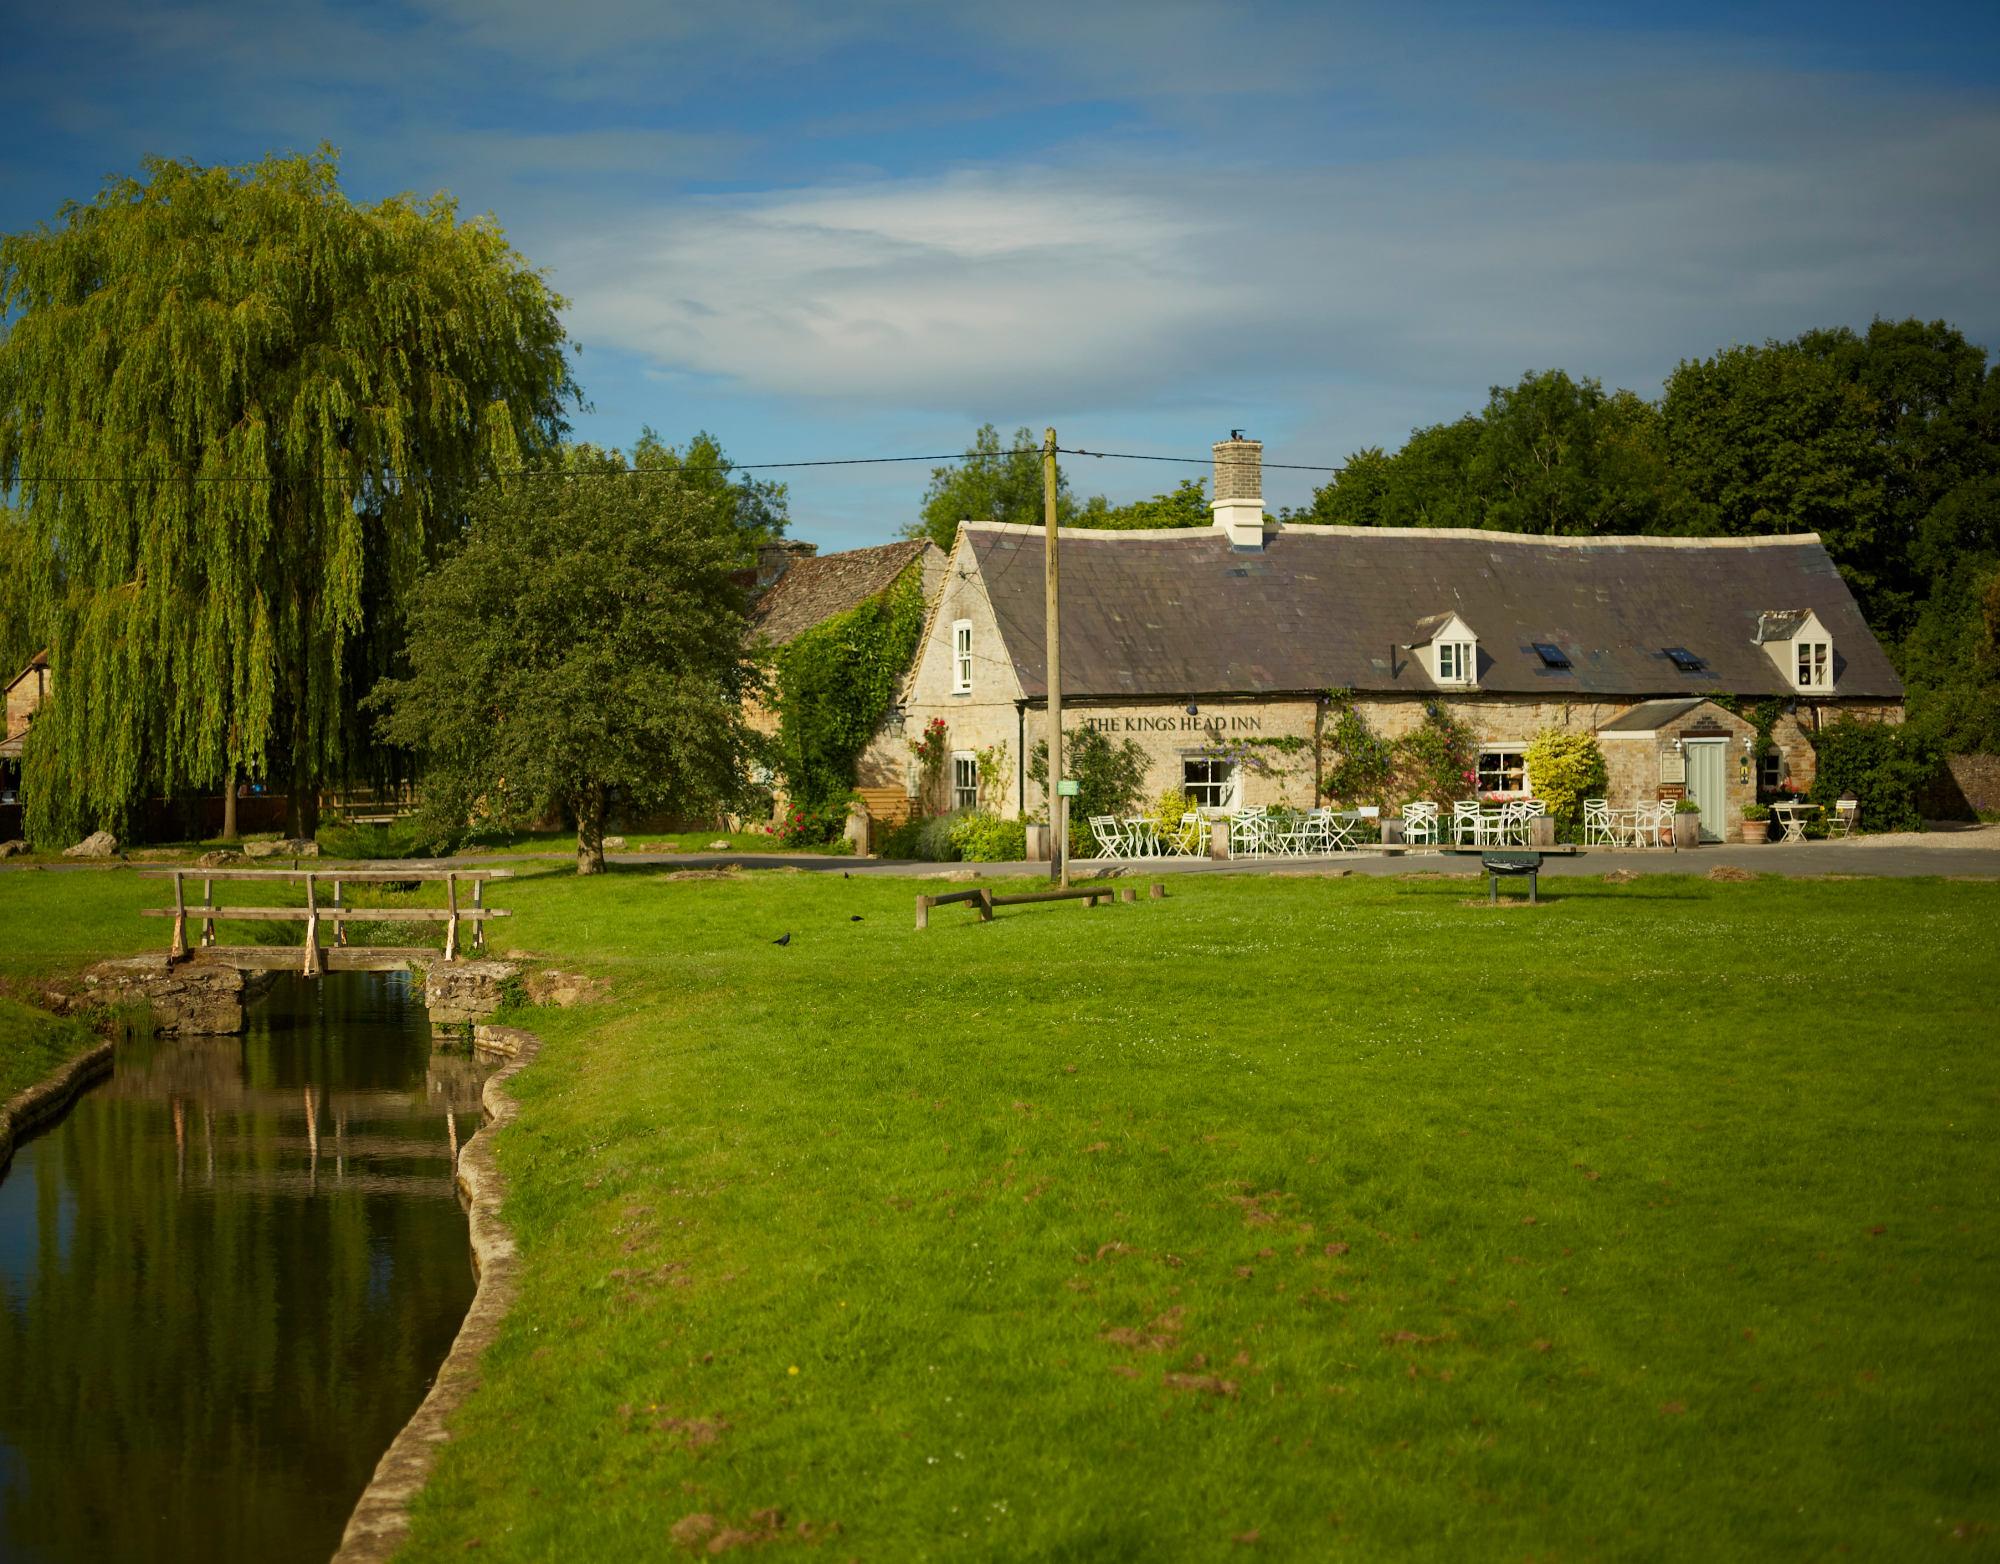 Kings Head Inn Bedroom 1 Village Green Views